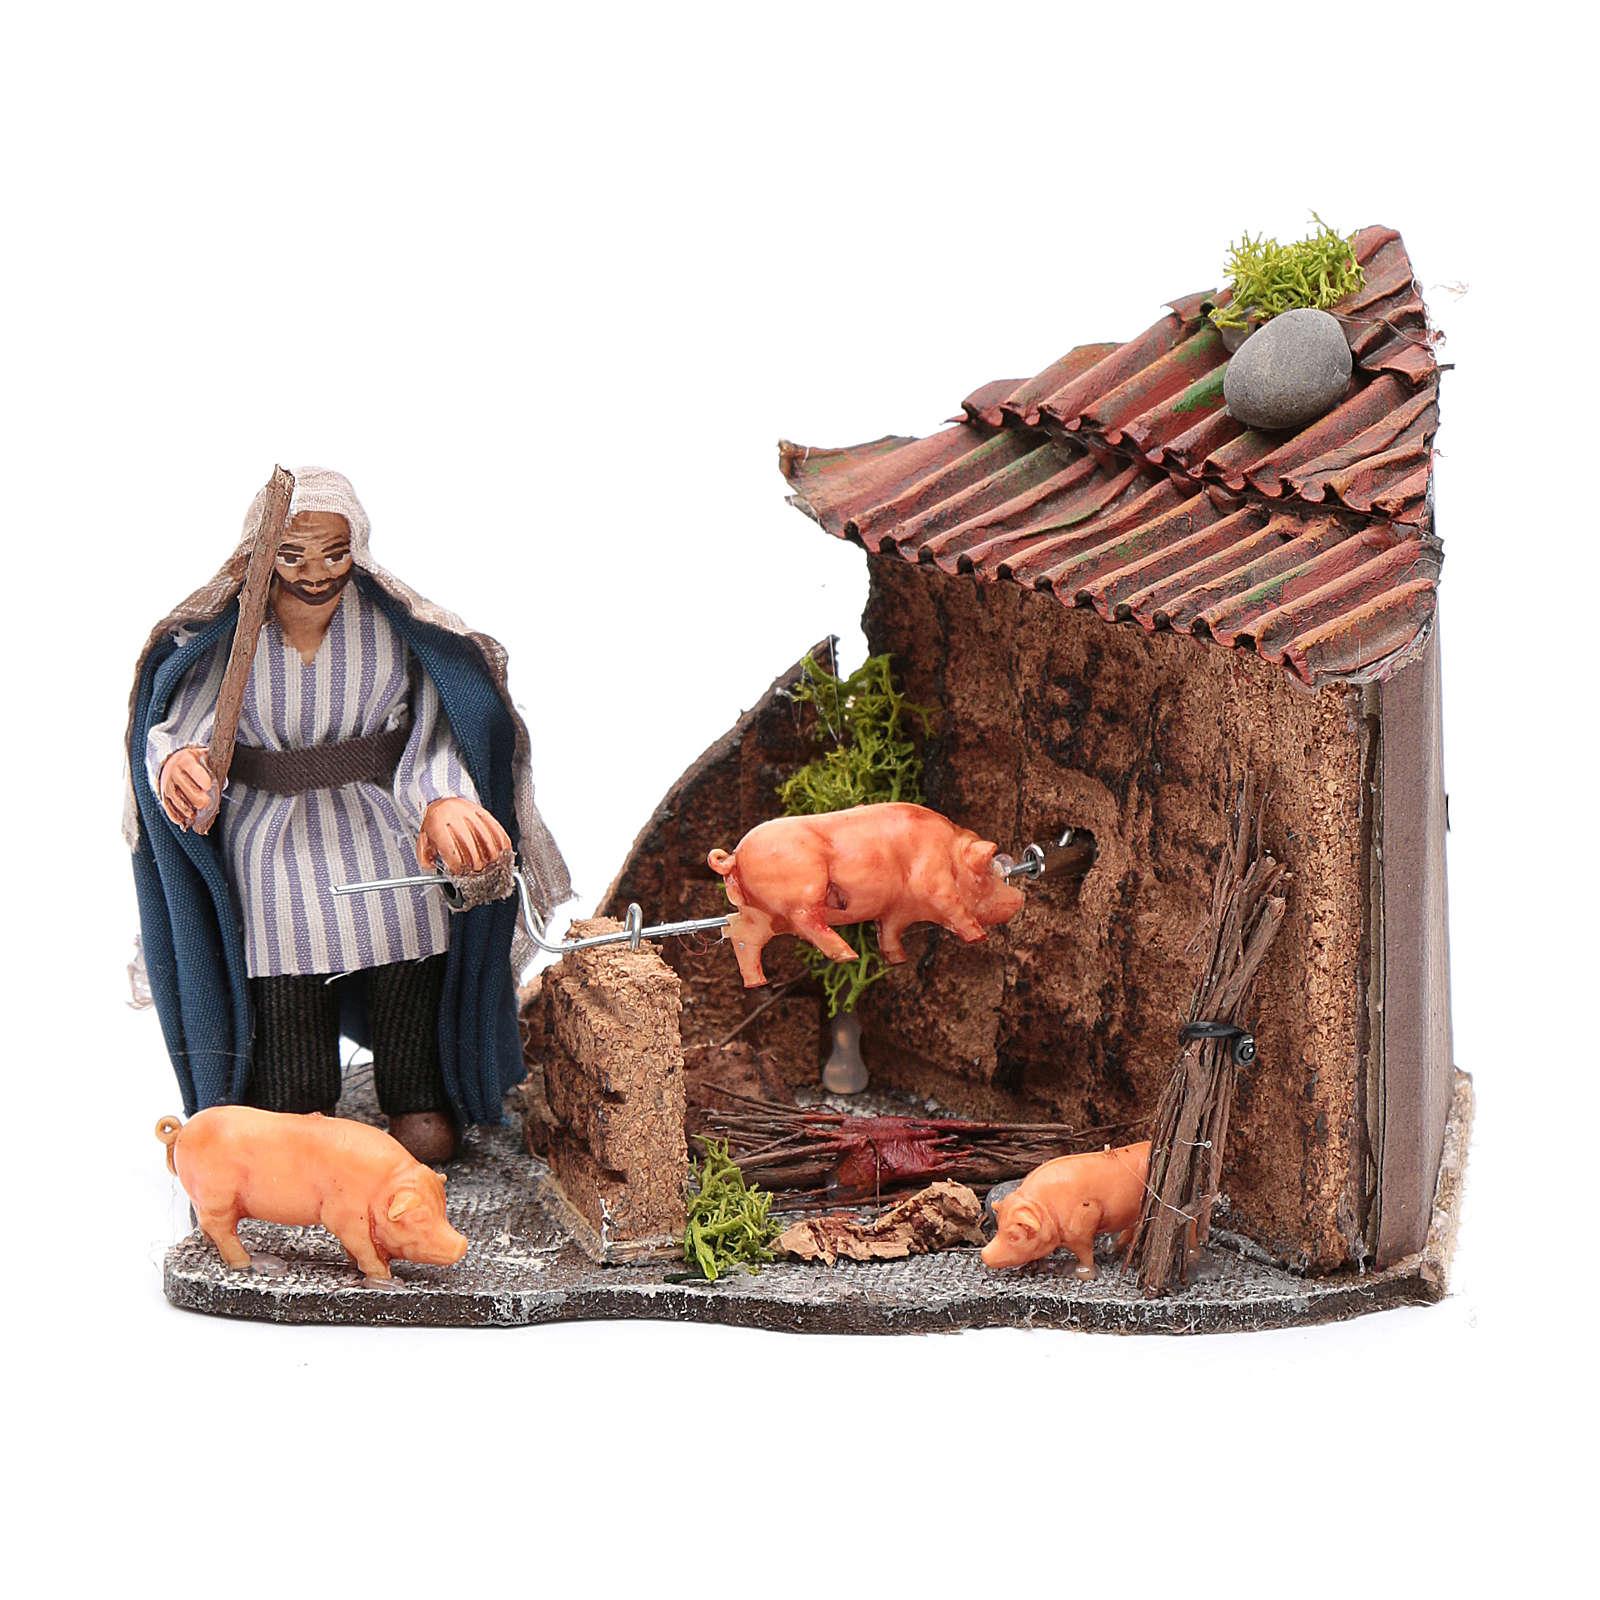 Neapolitan nativity scene moving roasted pork  10x15x10 cm 4